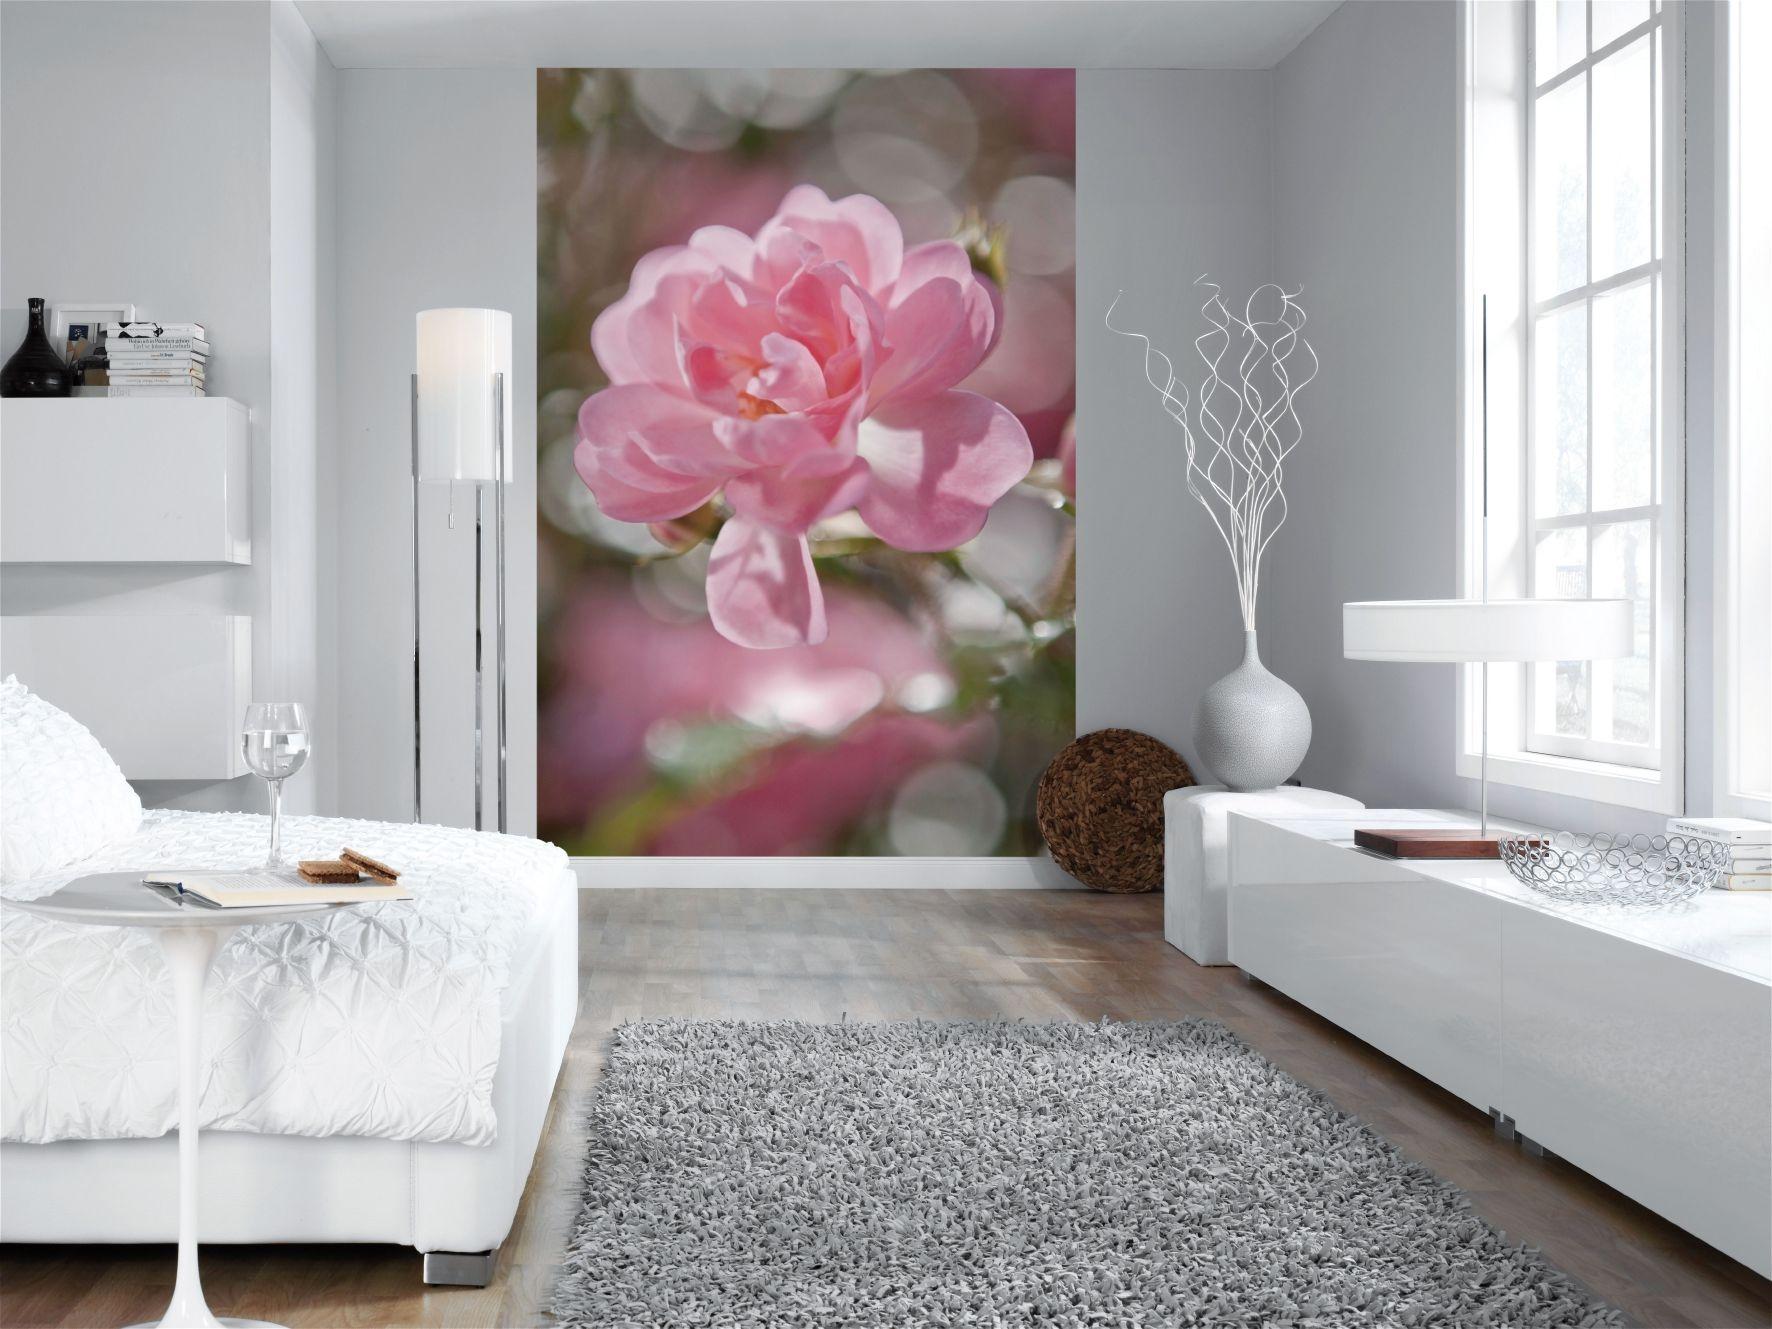 Цветы на стене в интерьере